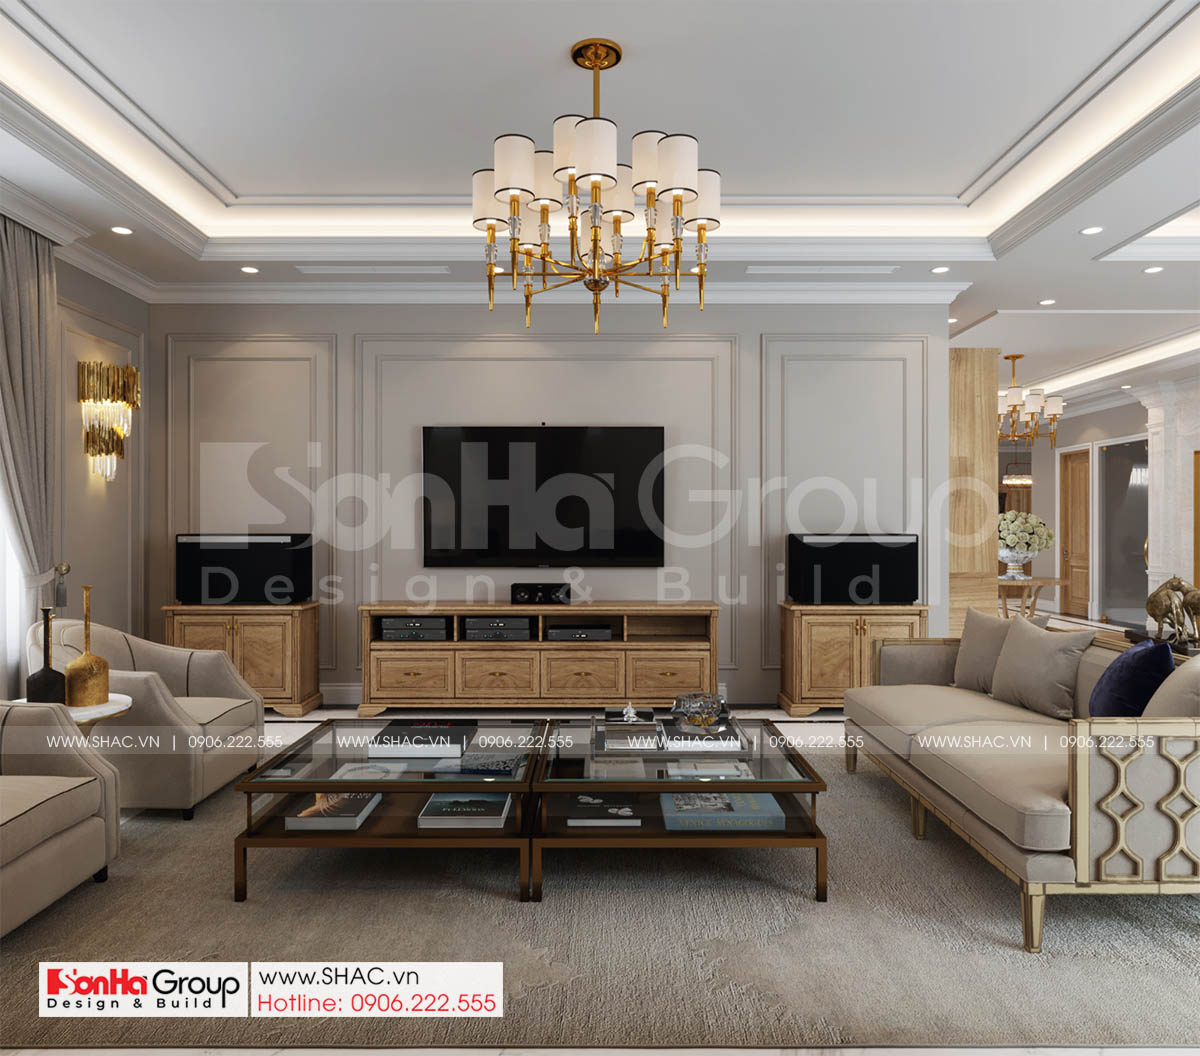 Thiết kế trang nhã trong mẫu phòng khách của biệt thự tân cổ điển 4 tầng